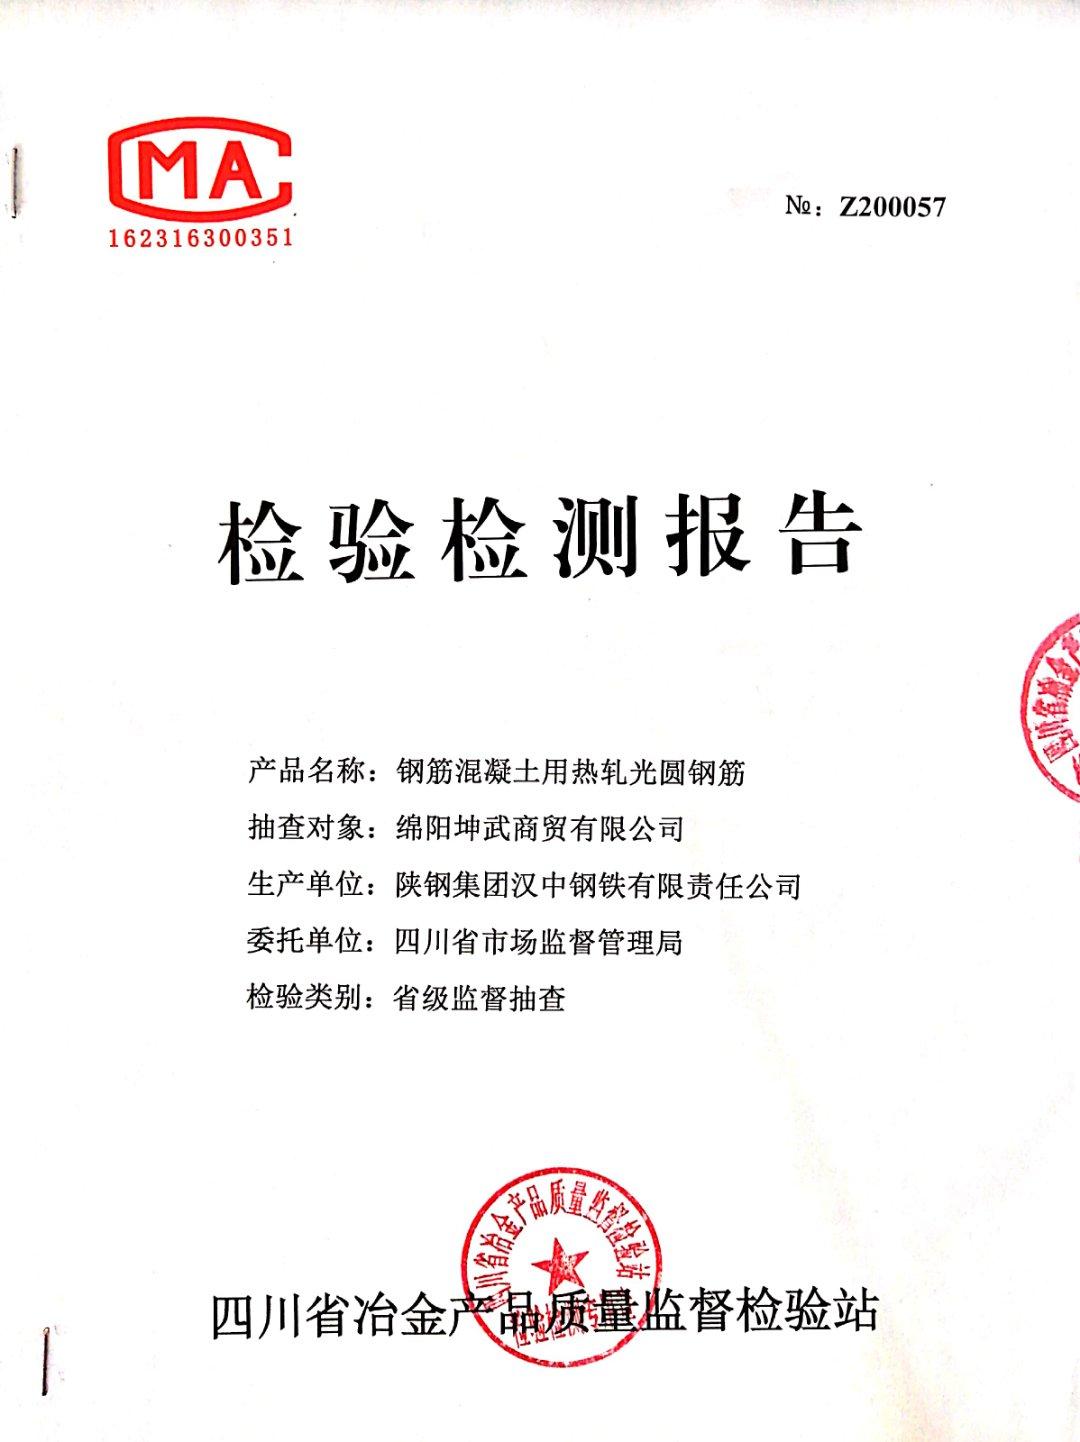 【品牌建设】nba买球官方网站产品顺利通过四川市场产品质量抽查